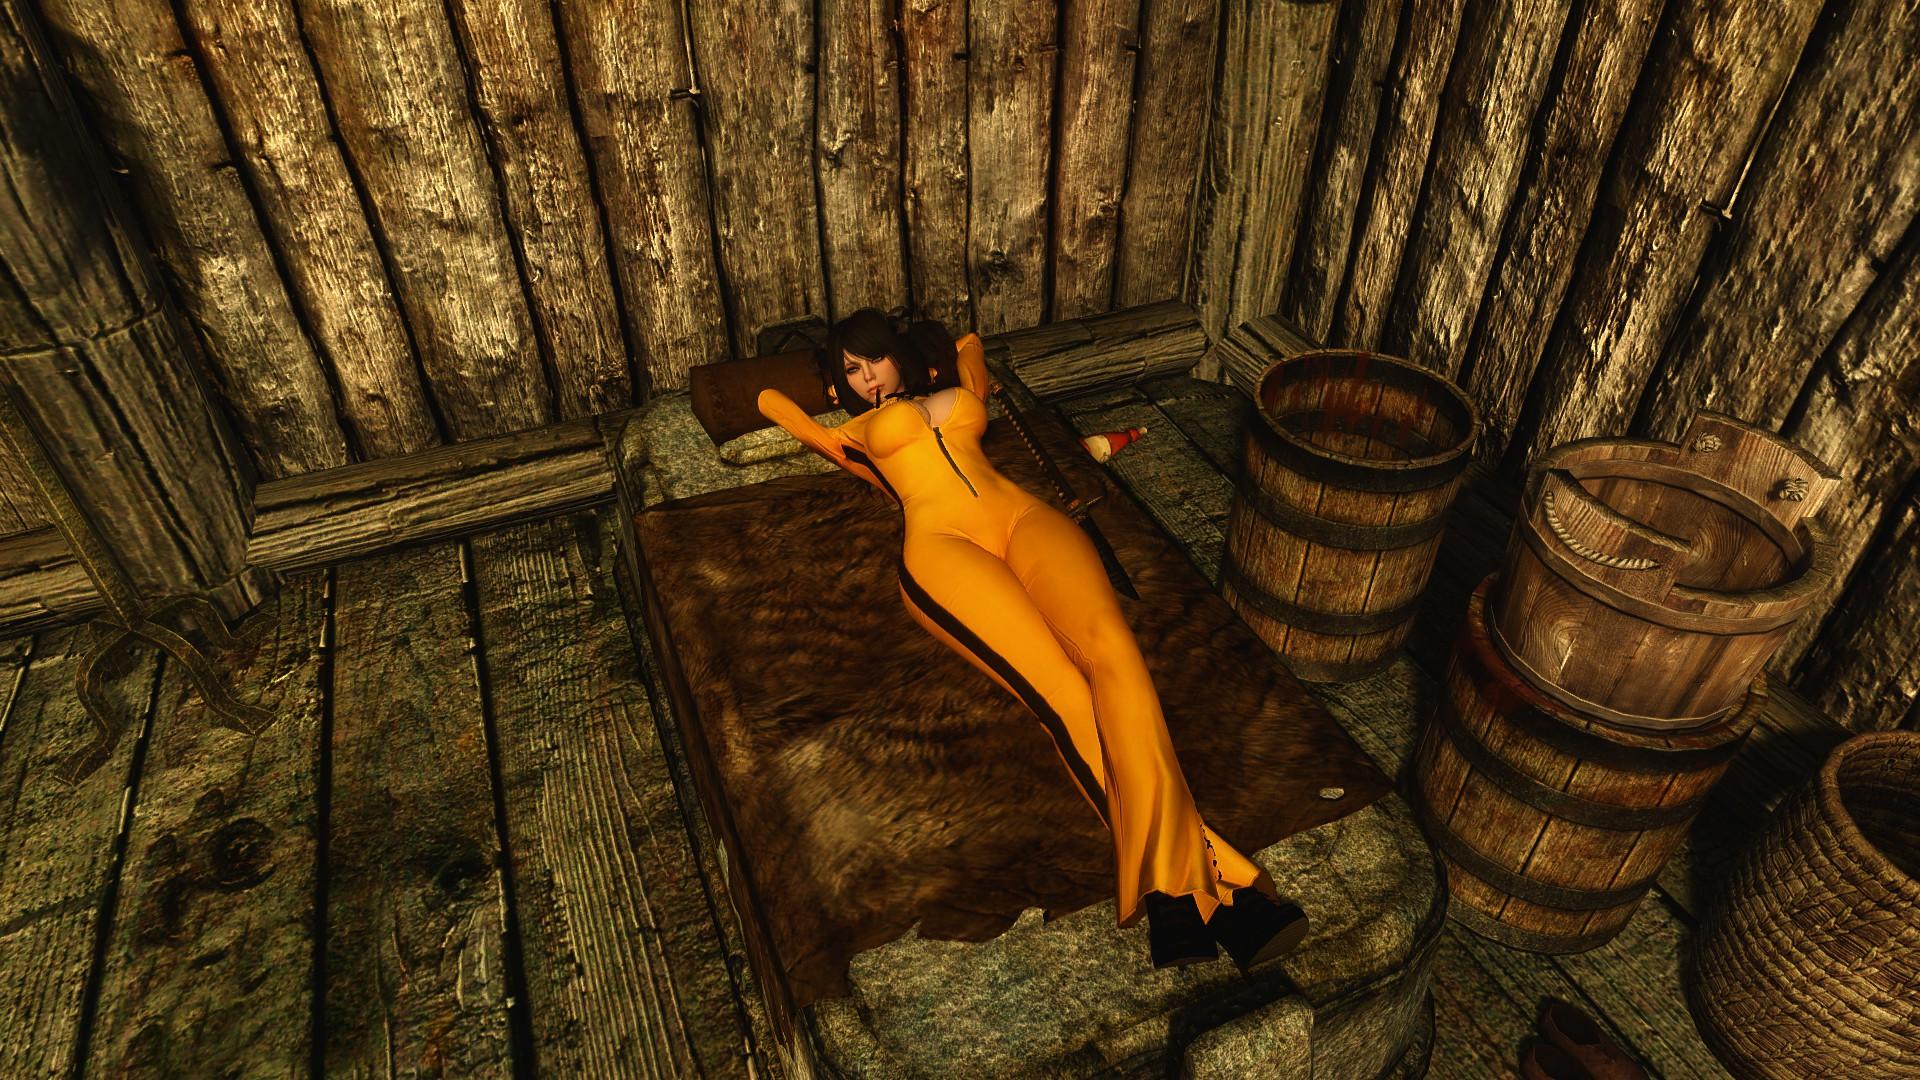 Nude females mod skyrim steam workshop xxx picture